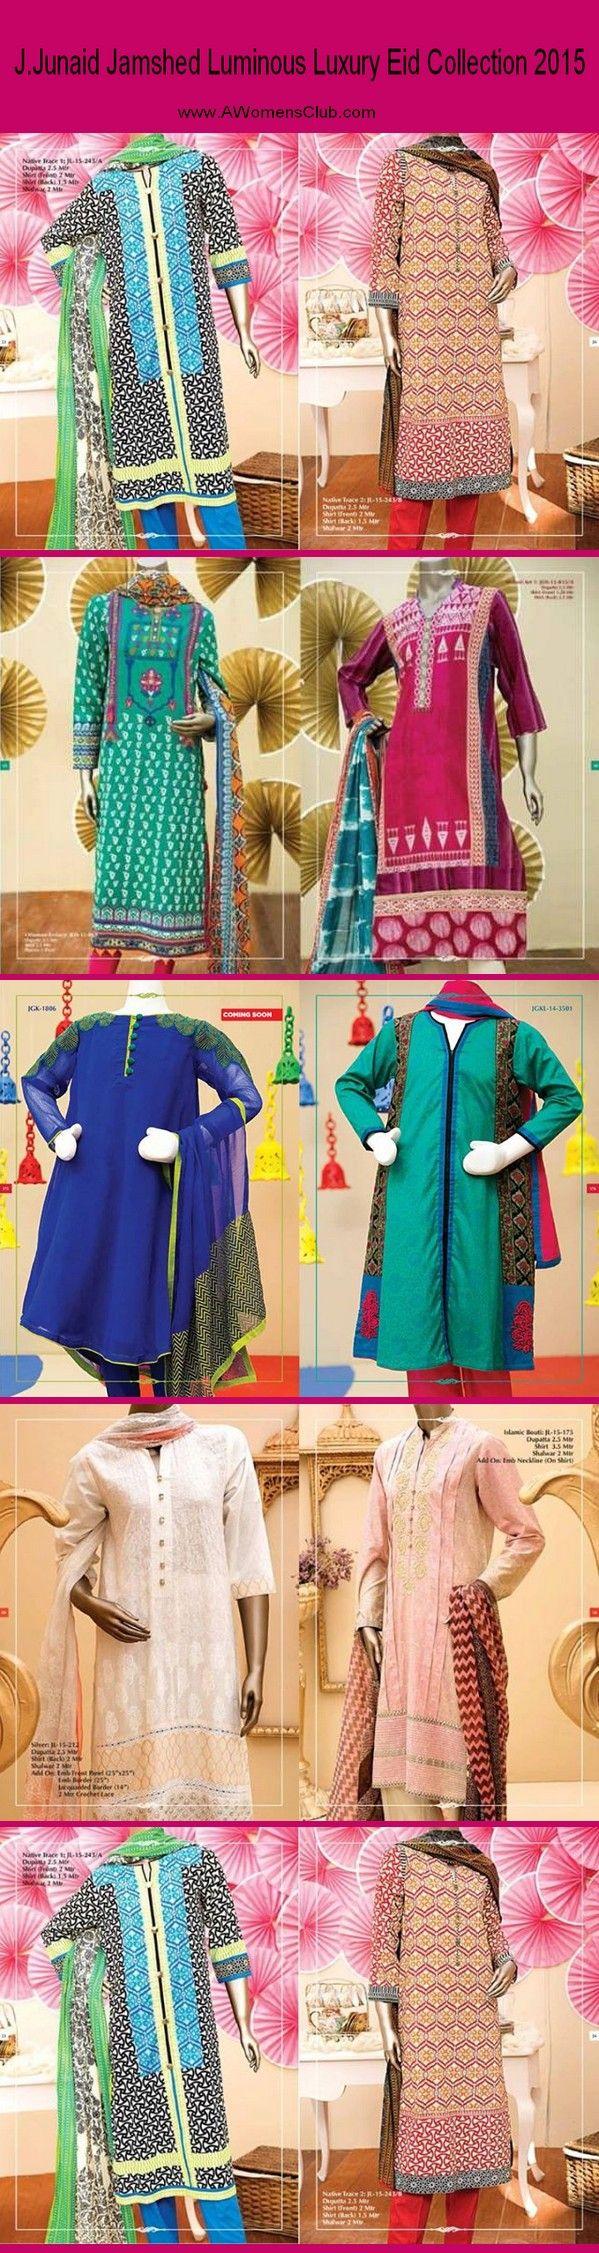 J.Junaid Jamshed Luminous Luxury Eid Collection 2015